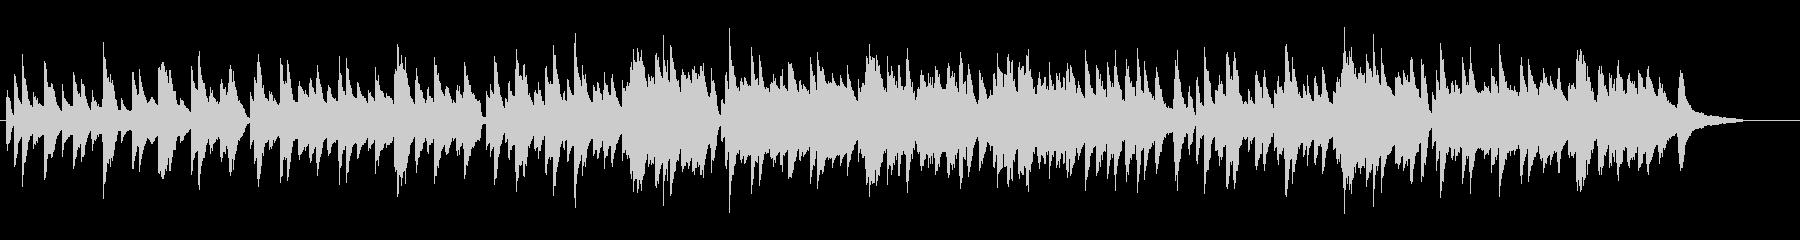 牧歌的なピアノ曲の未再生の波形